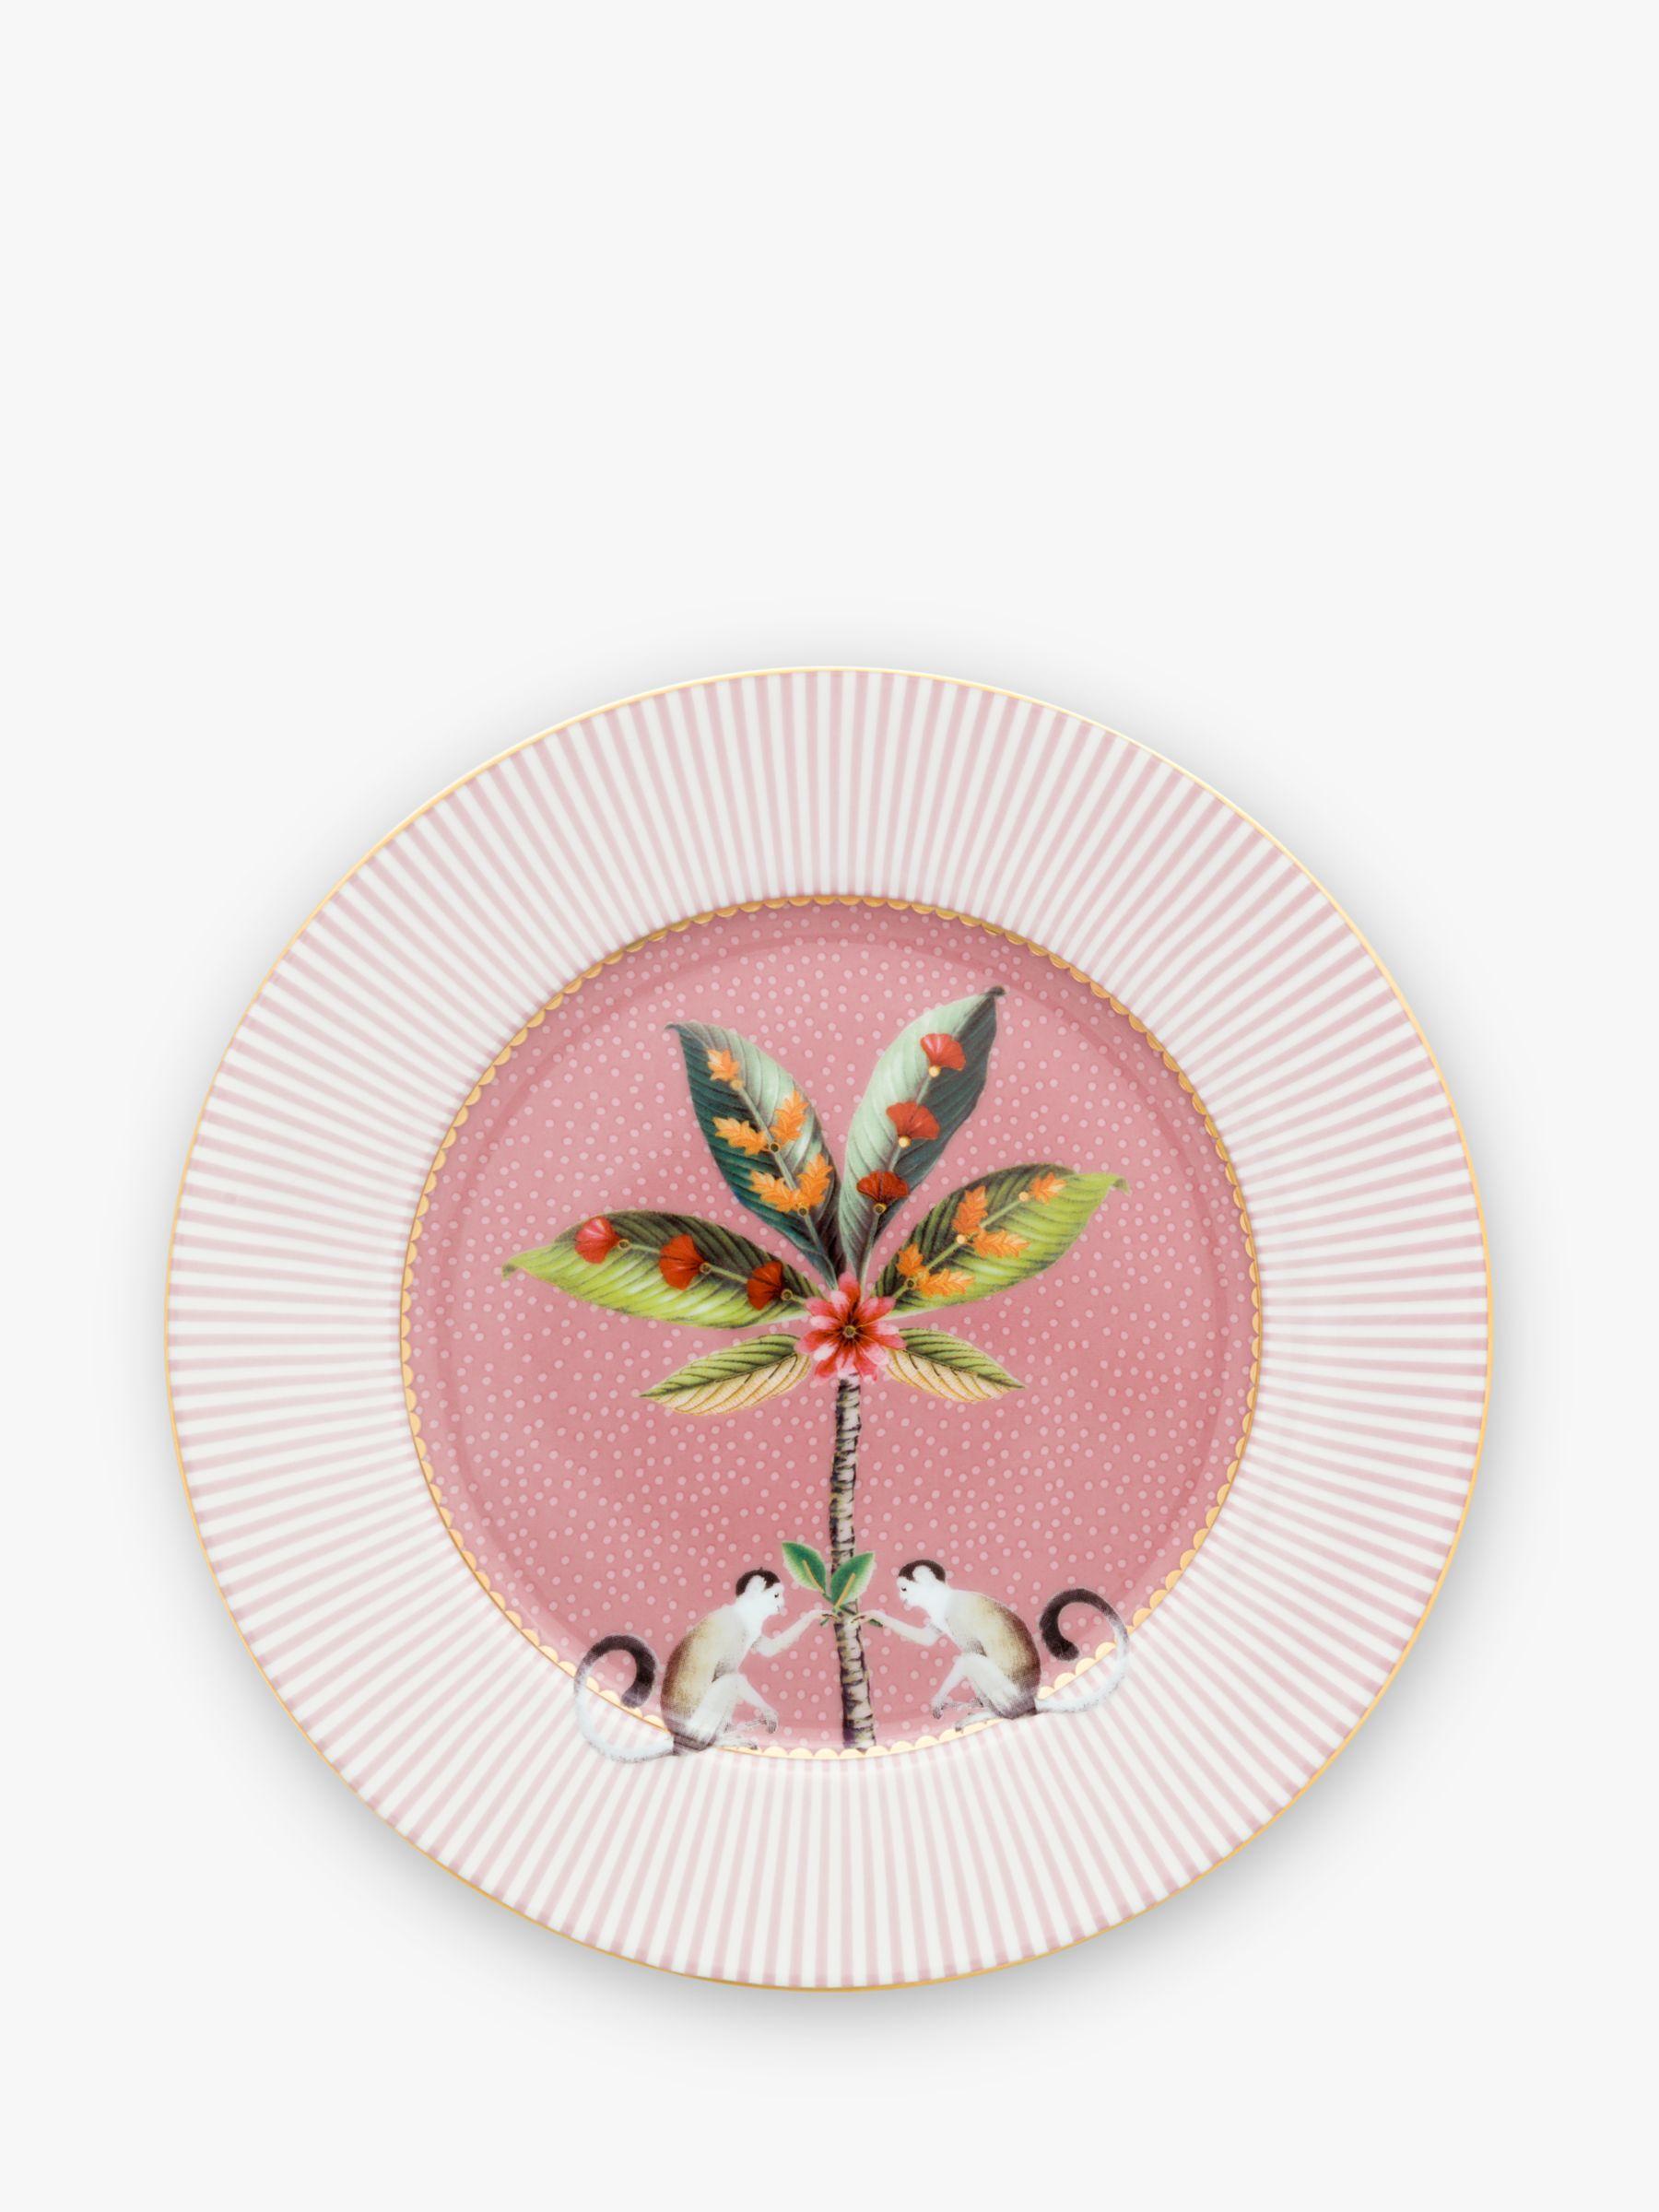 PiP Studio PiP Studio La Majorelle Tea Plate, 17cm, Pink/Multi